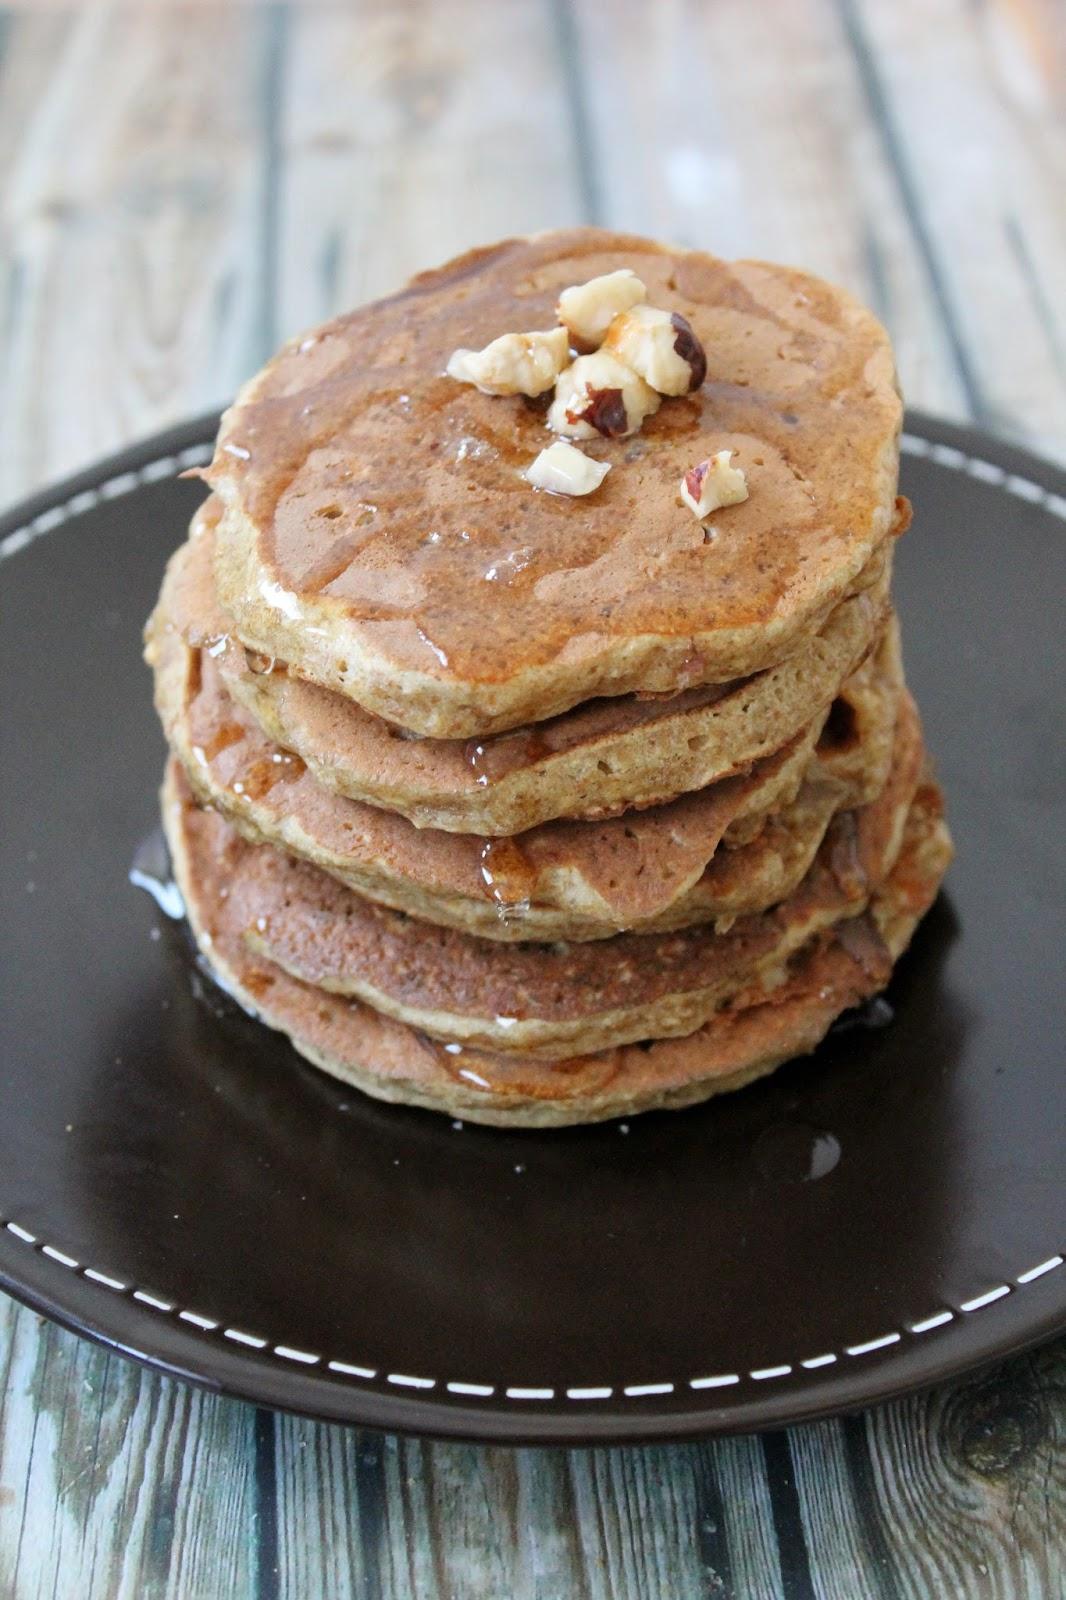 Recette Pancake Banane Flocon D Avoine : recette, pancake, banane, flocon, avoine, Pancakes, Santé, {Pomme,, Banane,, Flocons, D'avoine}